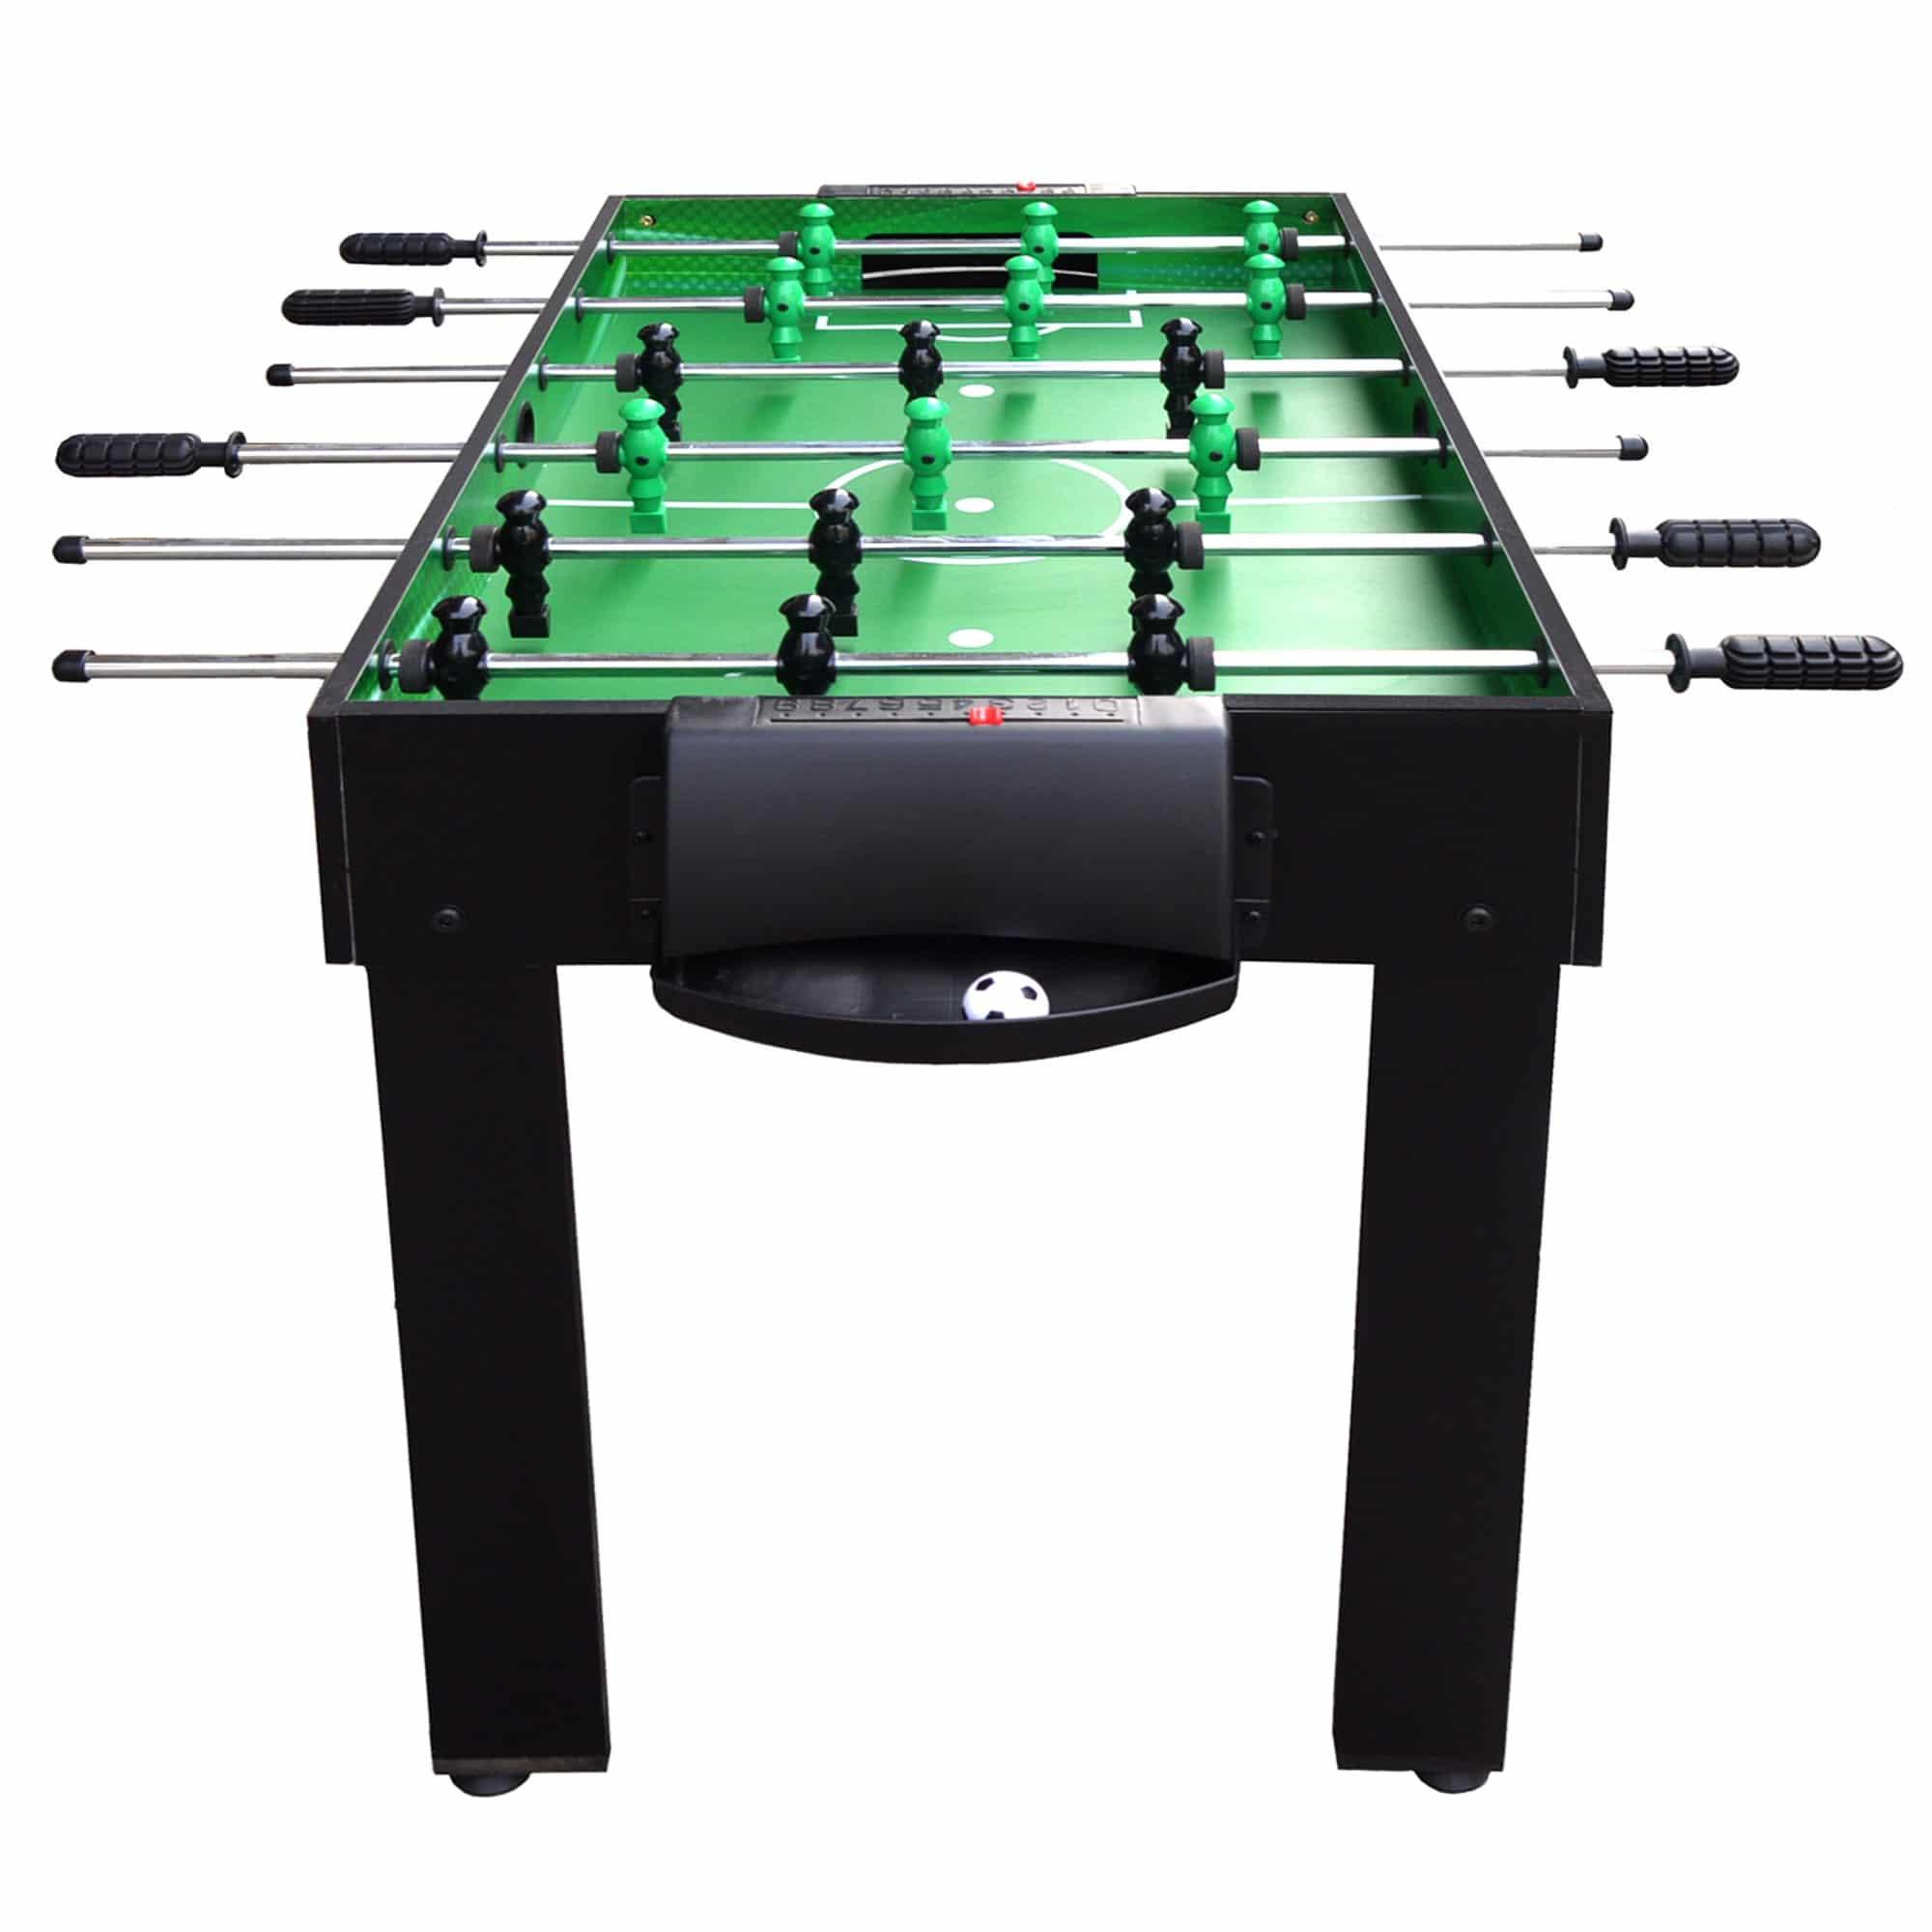 Playmaker 3 In 1 Foosball Multi Game Table